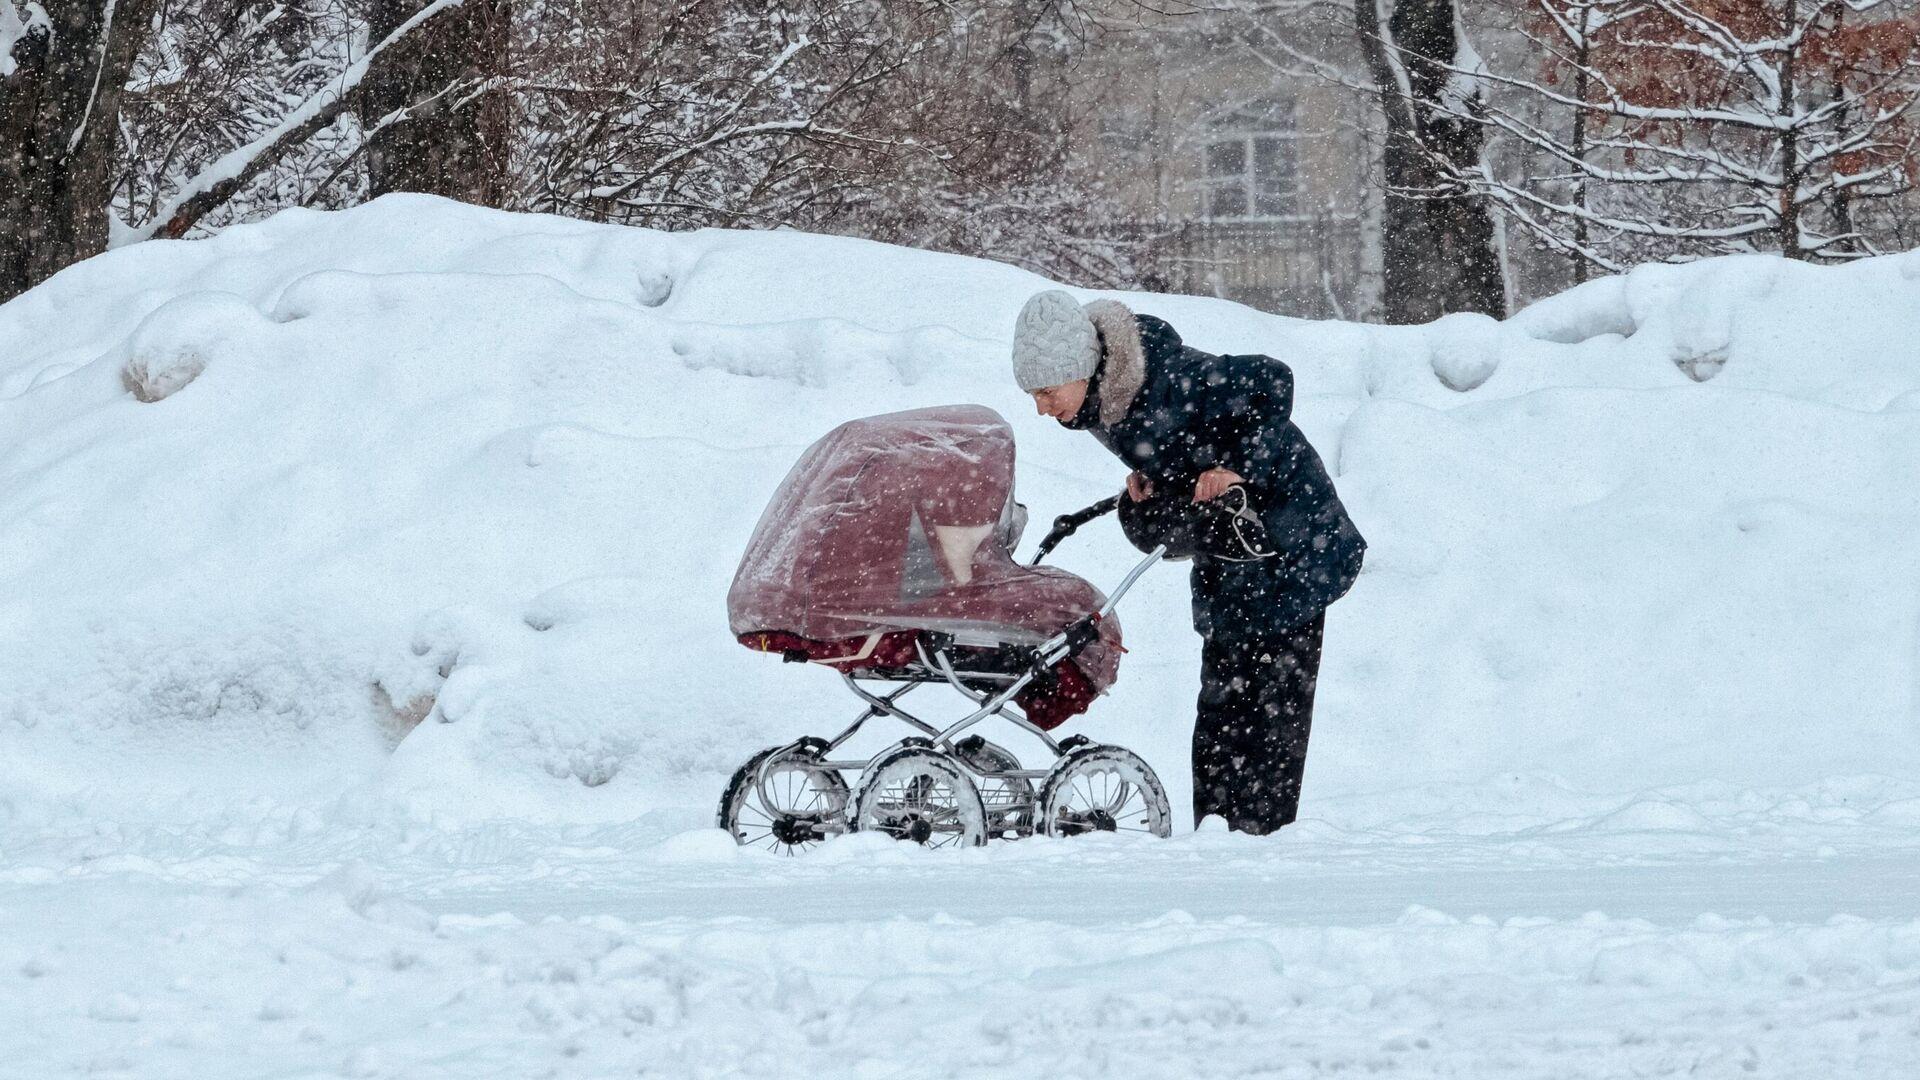 Женщина гуляет с коляской в парке - РИА Новости, 1920, 15.02.2021